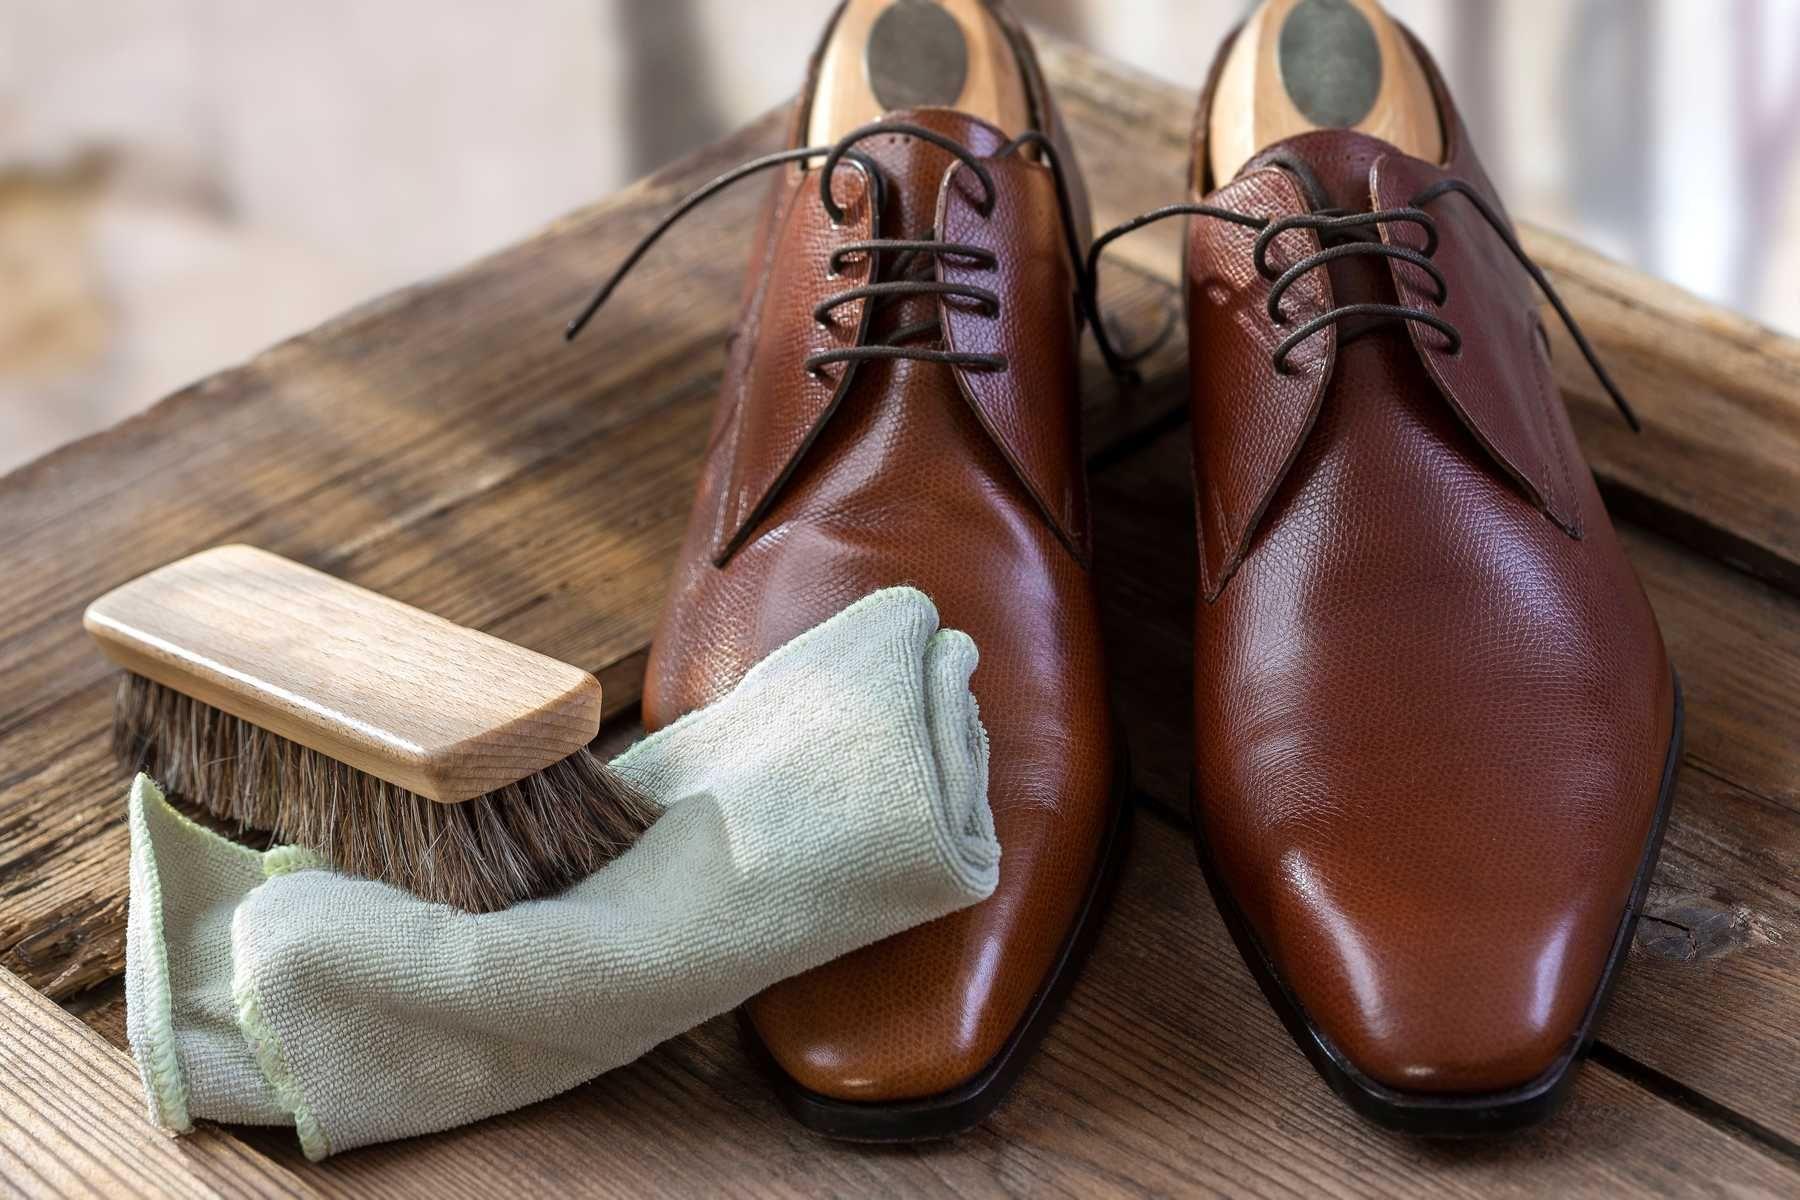 #Cách Vệ Sinh Giày Da Trắng, Da Tổng Hợp, Giày Tây Sạch, Dễ Làm